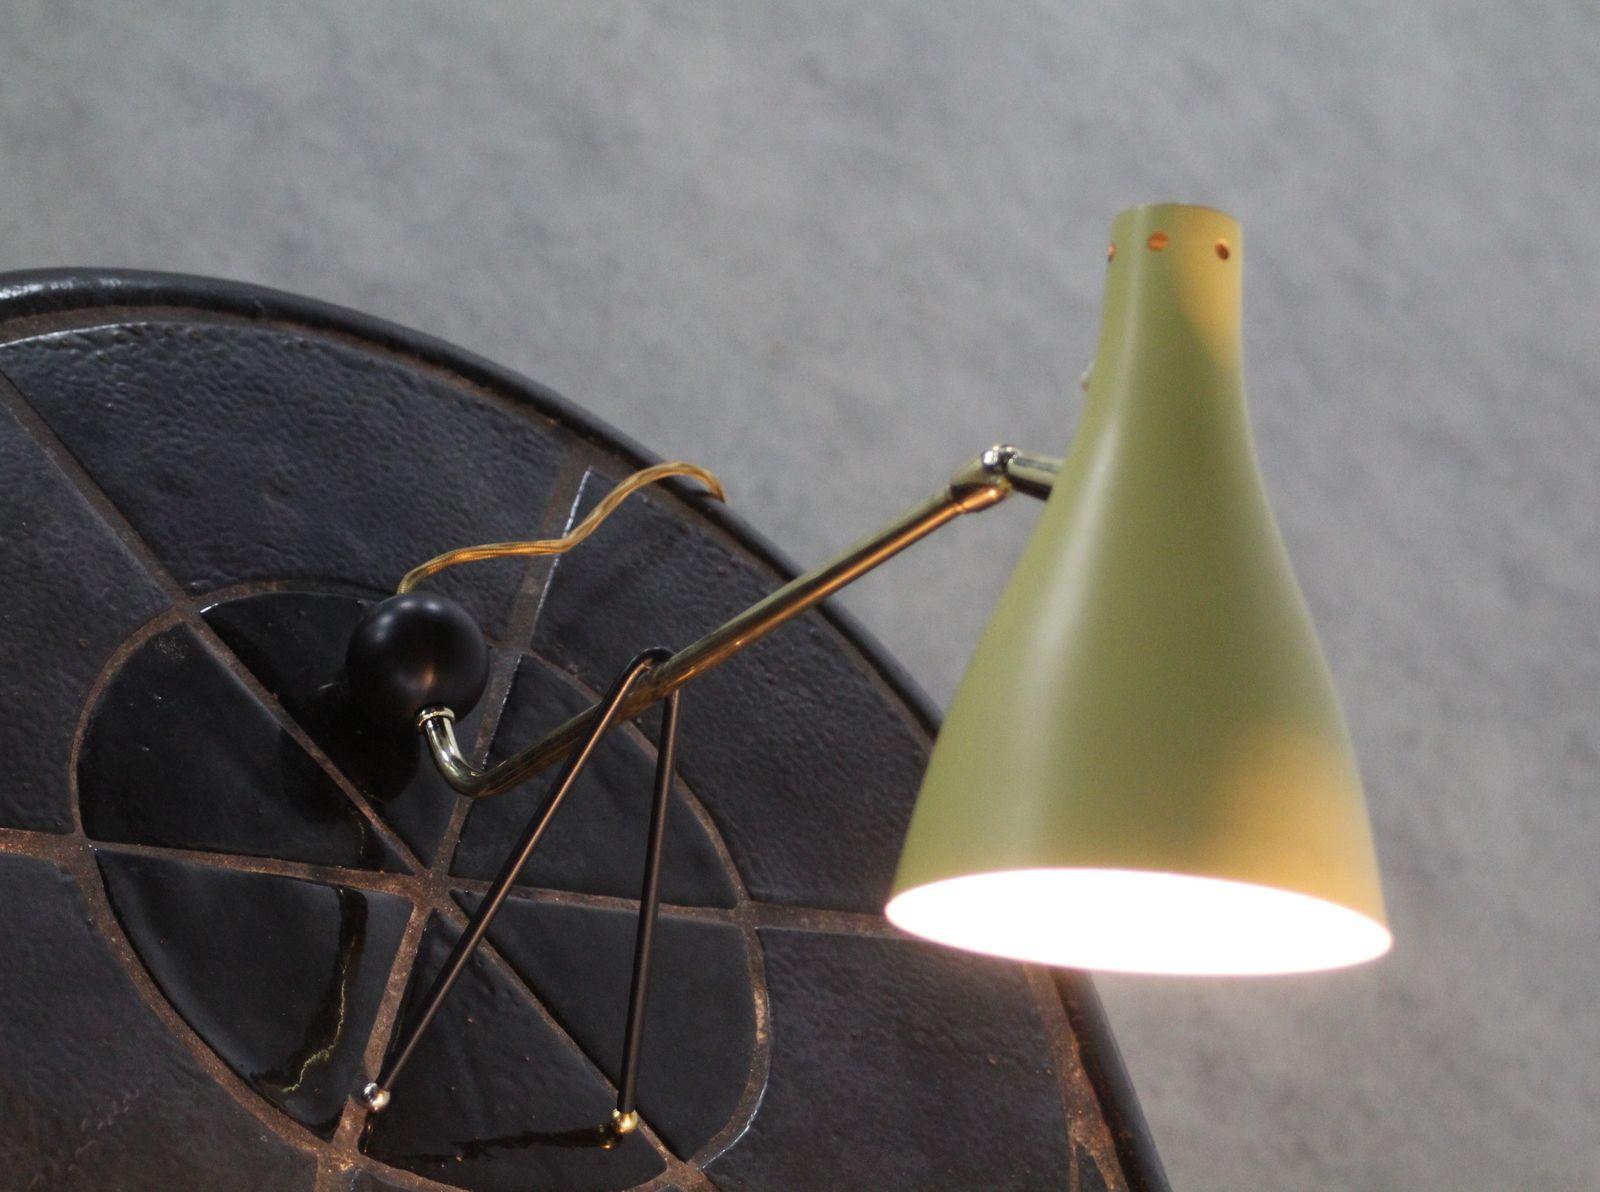 mid century modern tischlampen 1955 2er set bei pamono kaufen. Black Bedroom Furniture Sets. Home Design Ideas